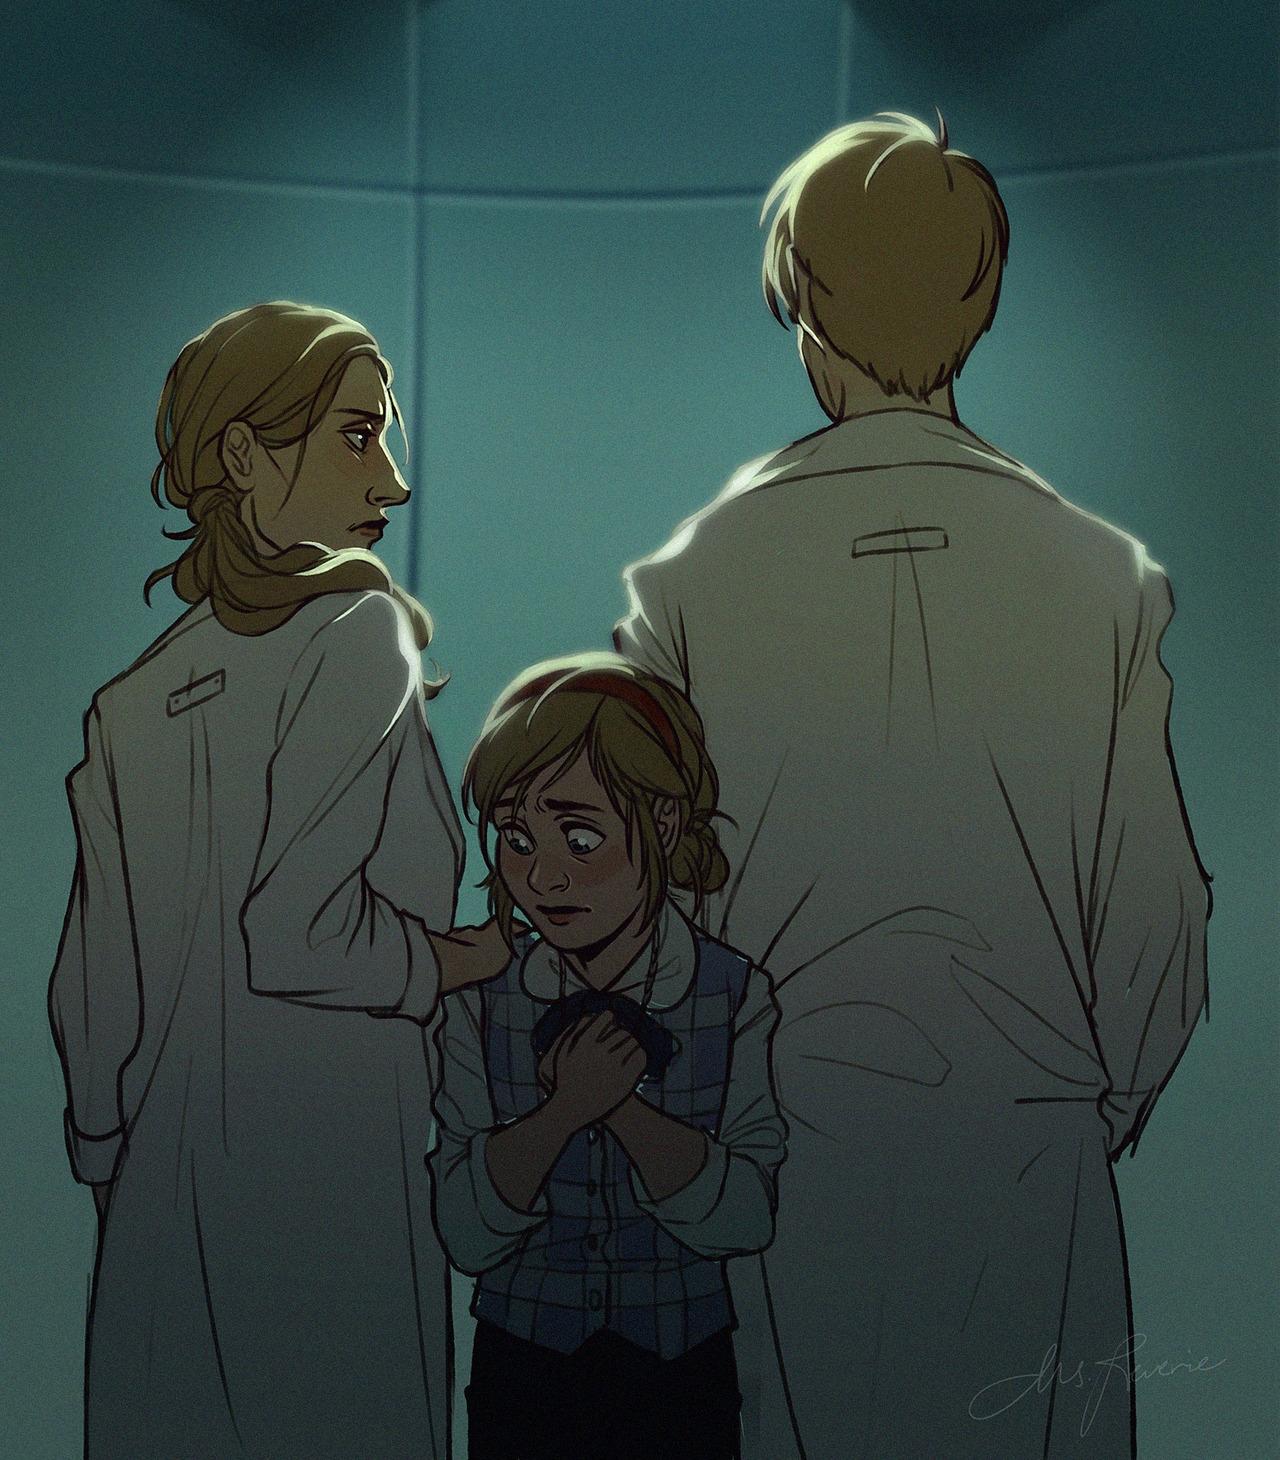 riALszKghsM.jpg - Resident Evil 2